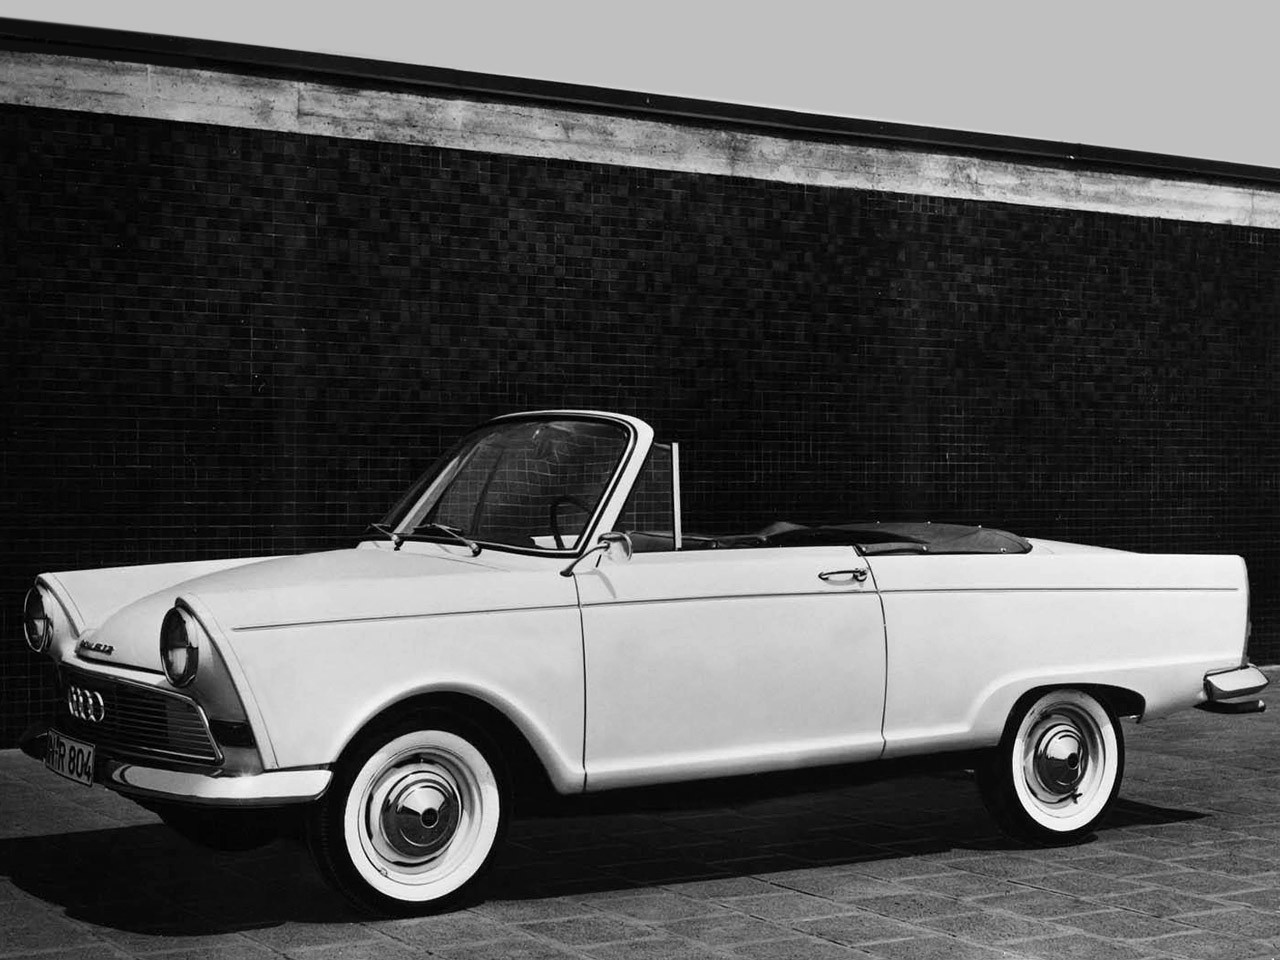 1964 DKW F12 Roadster